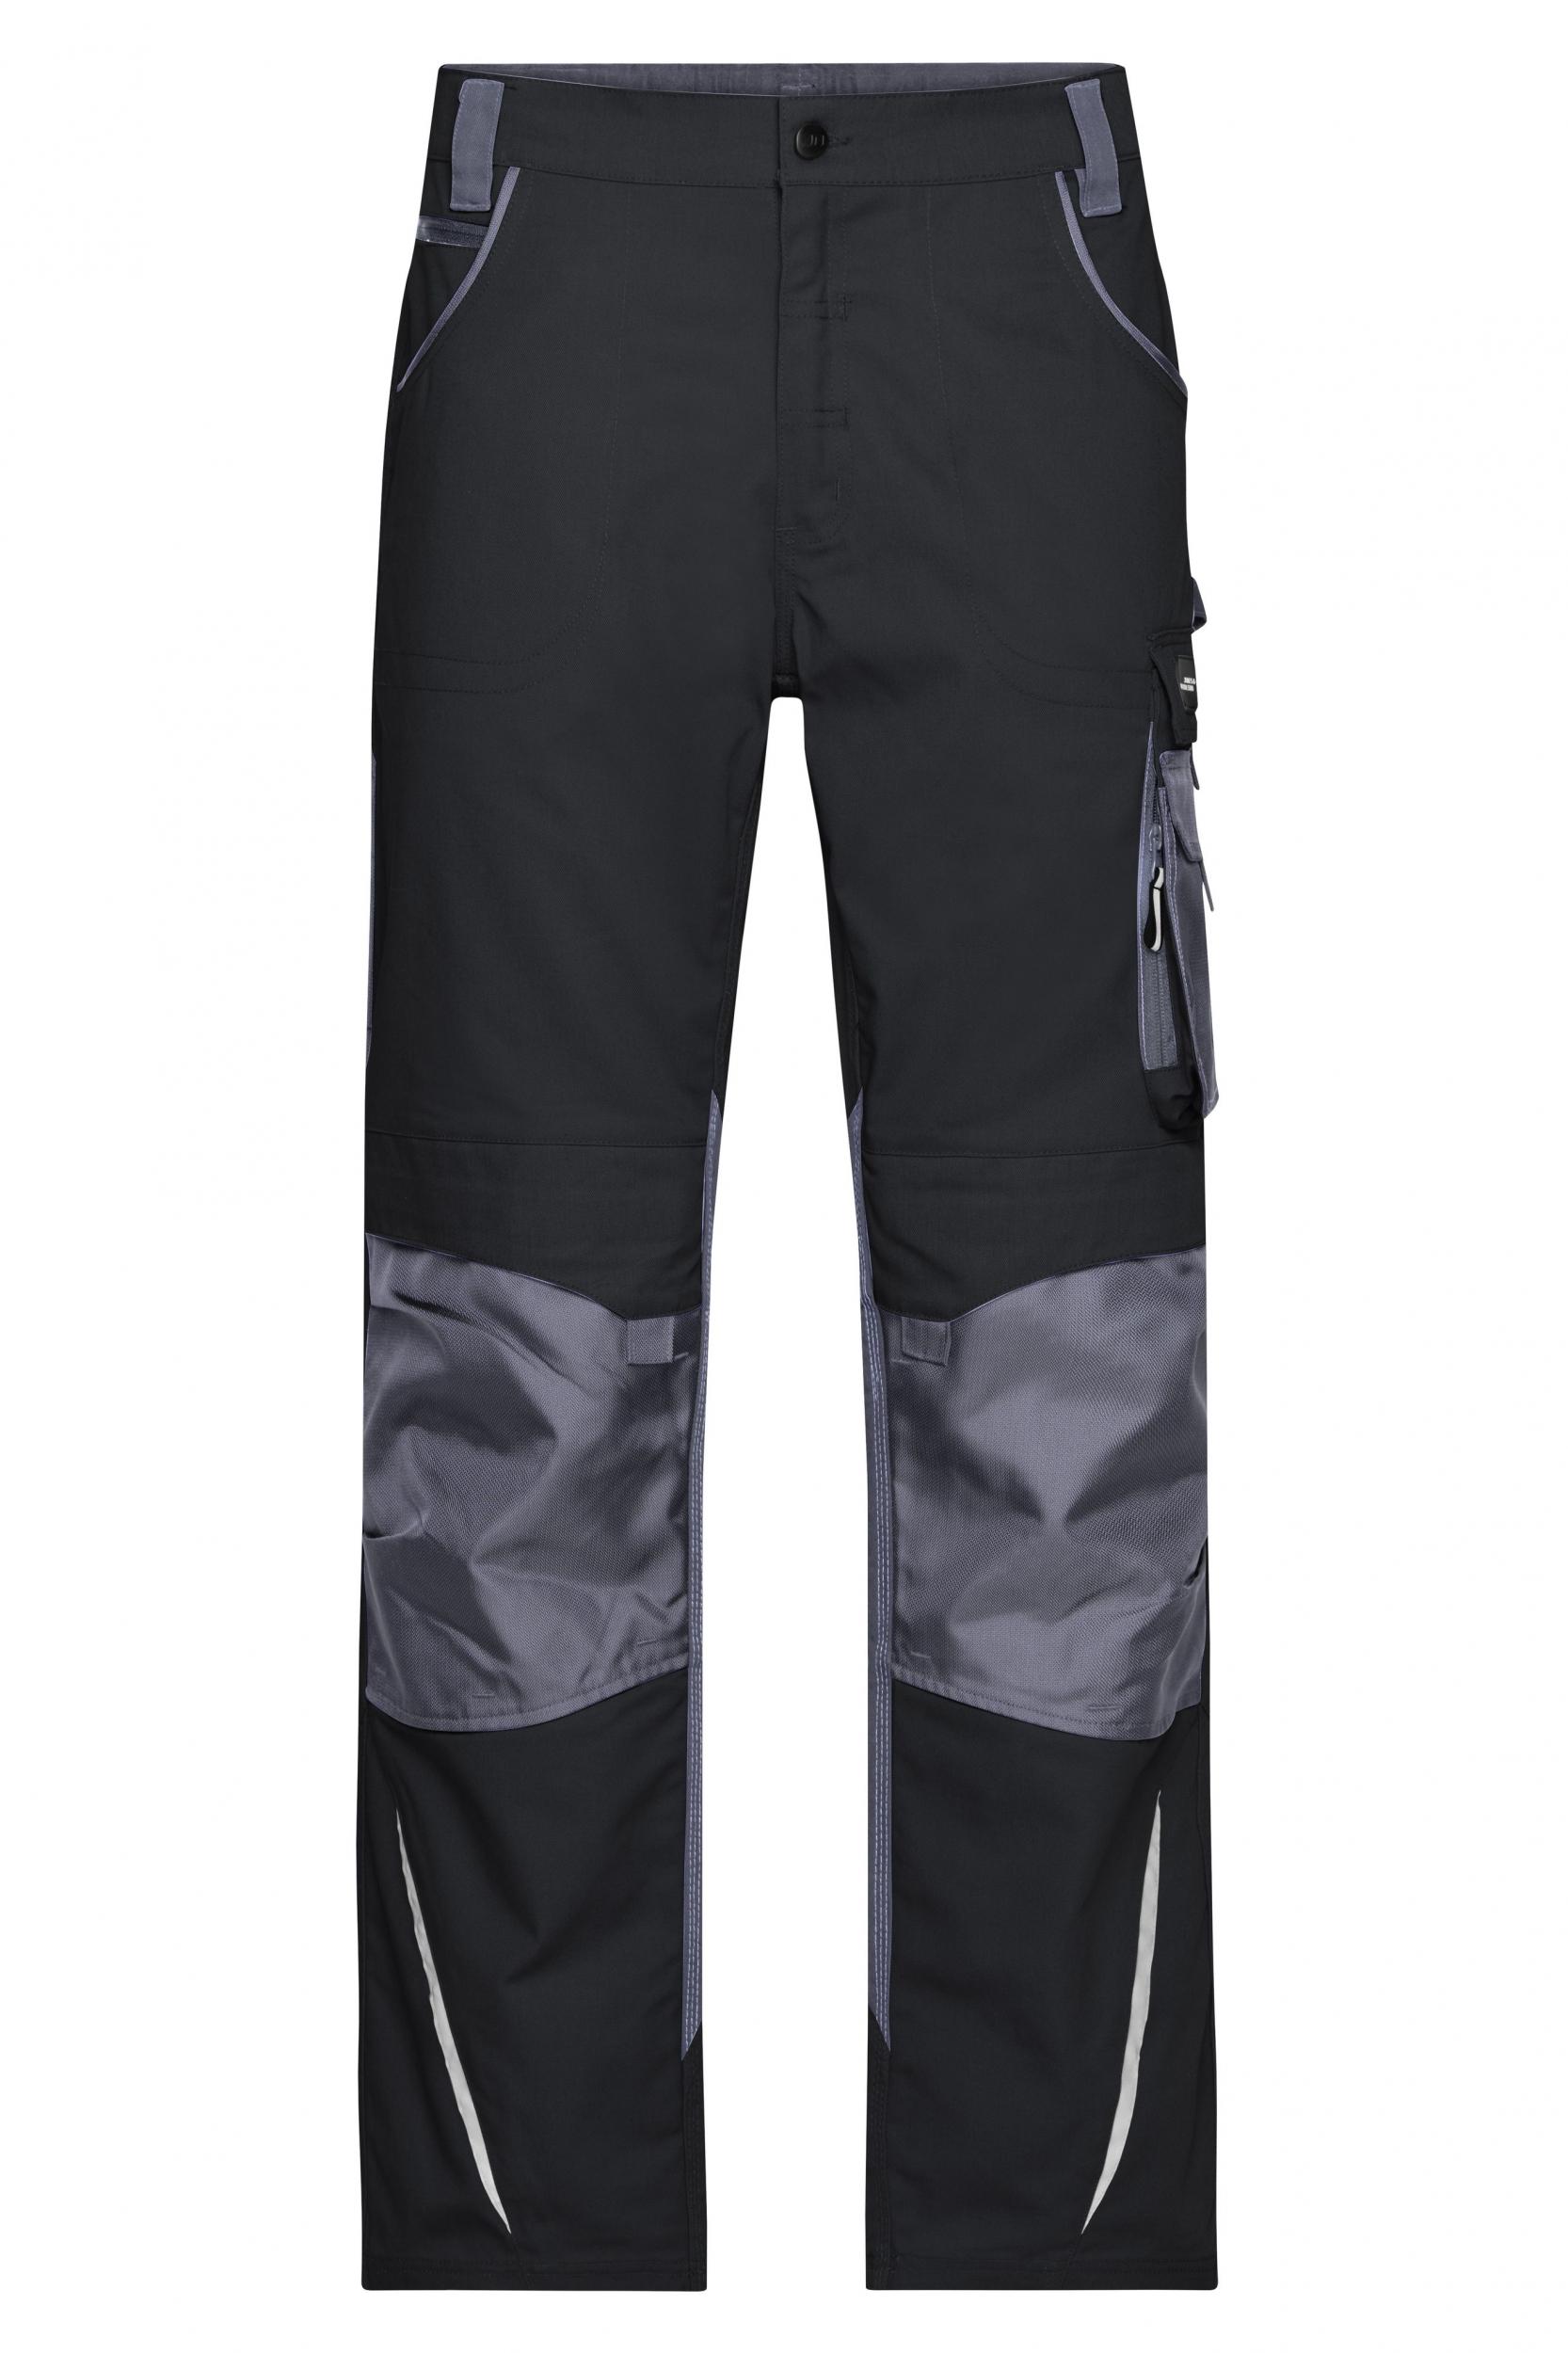 Pracovní kalhoty James & Nicholson Workwear Black